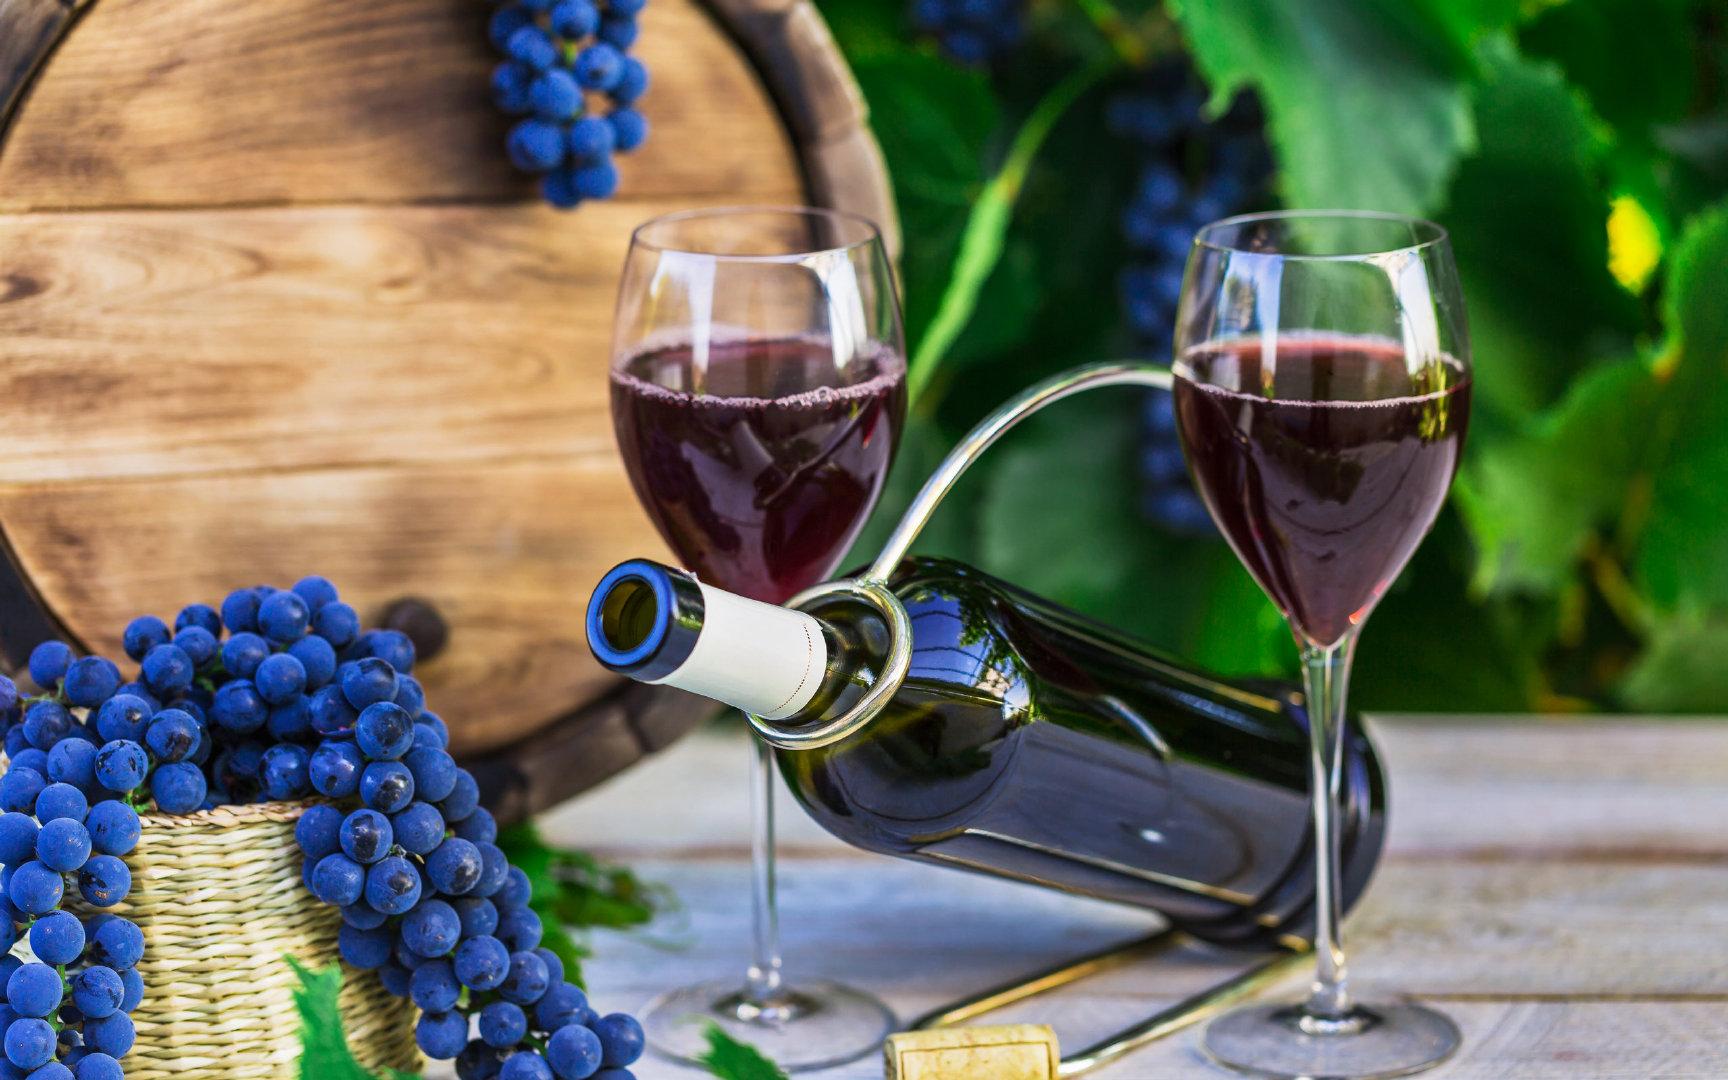 葡萄酿成的葡萄酒4K超高清壁纸图片